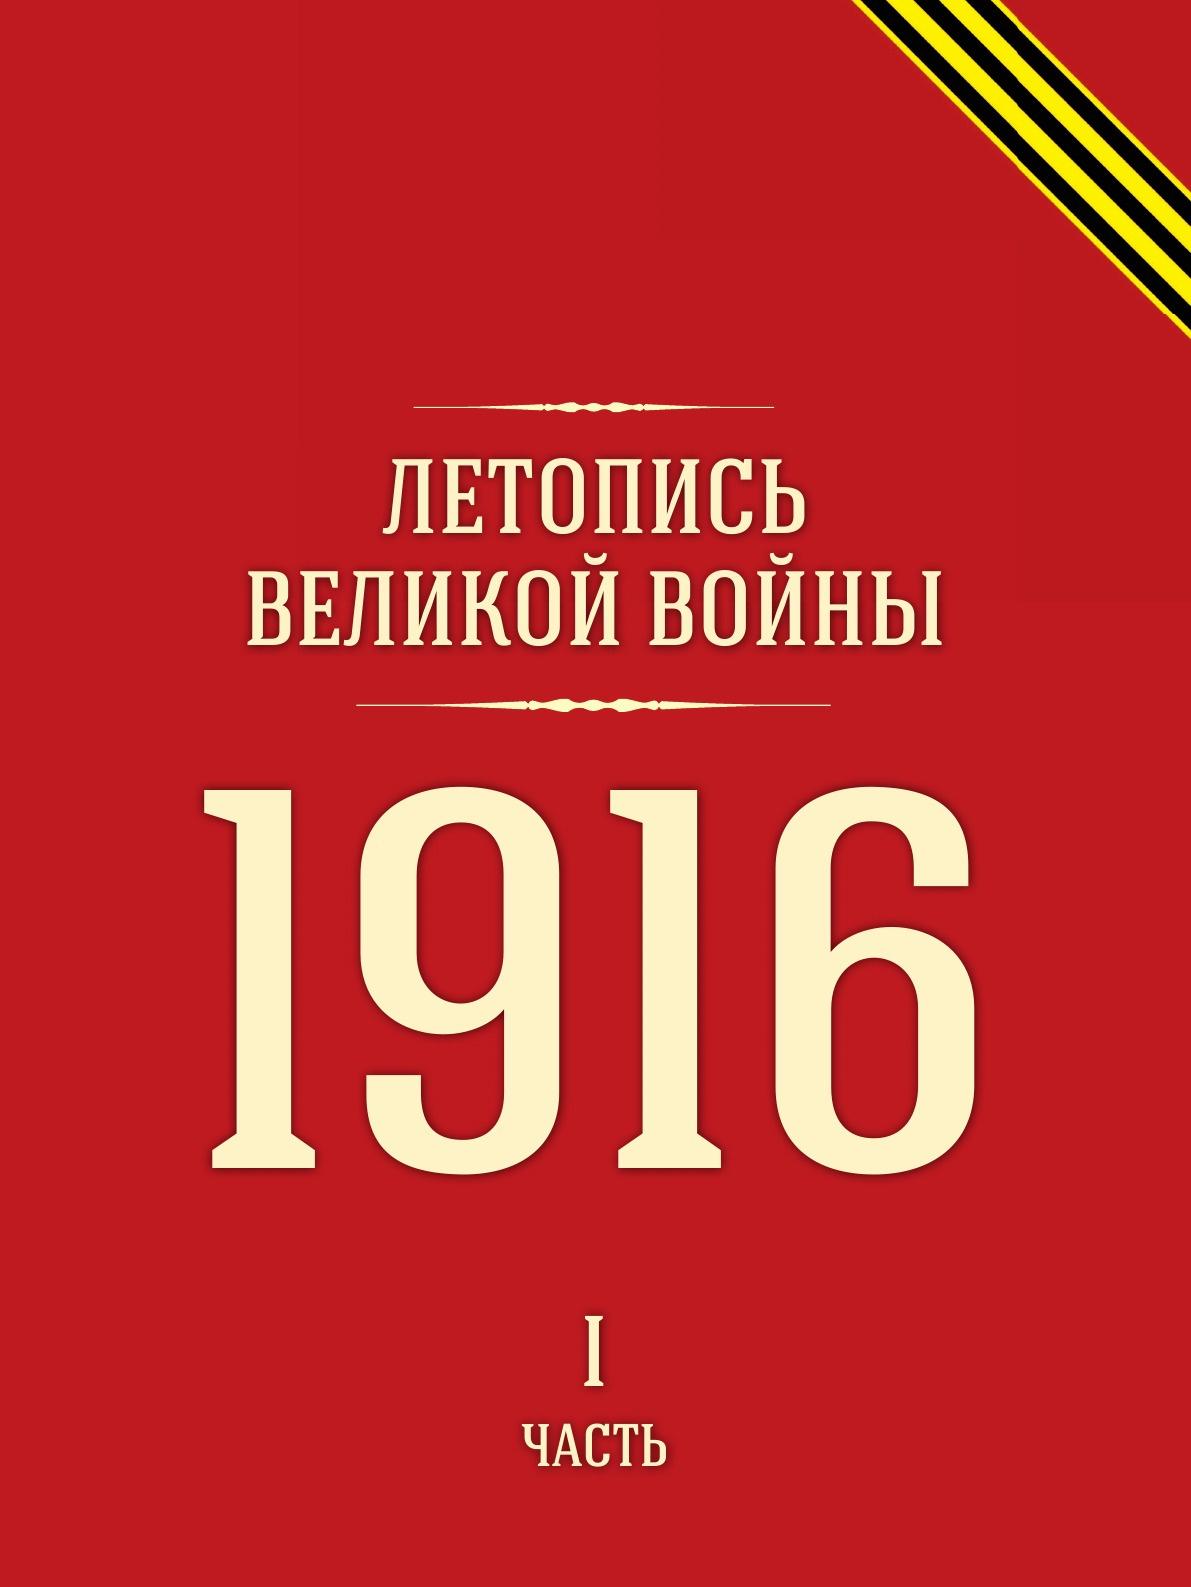 Летопись Великой войны. 1916 Часть I daniel polo de sibri летопись тейлса частьi